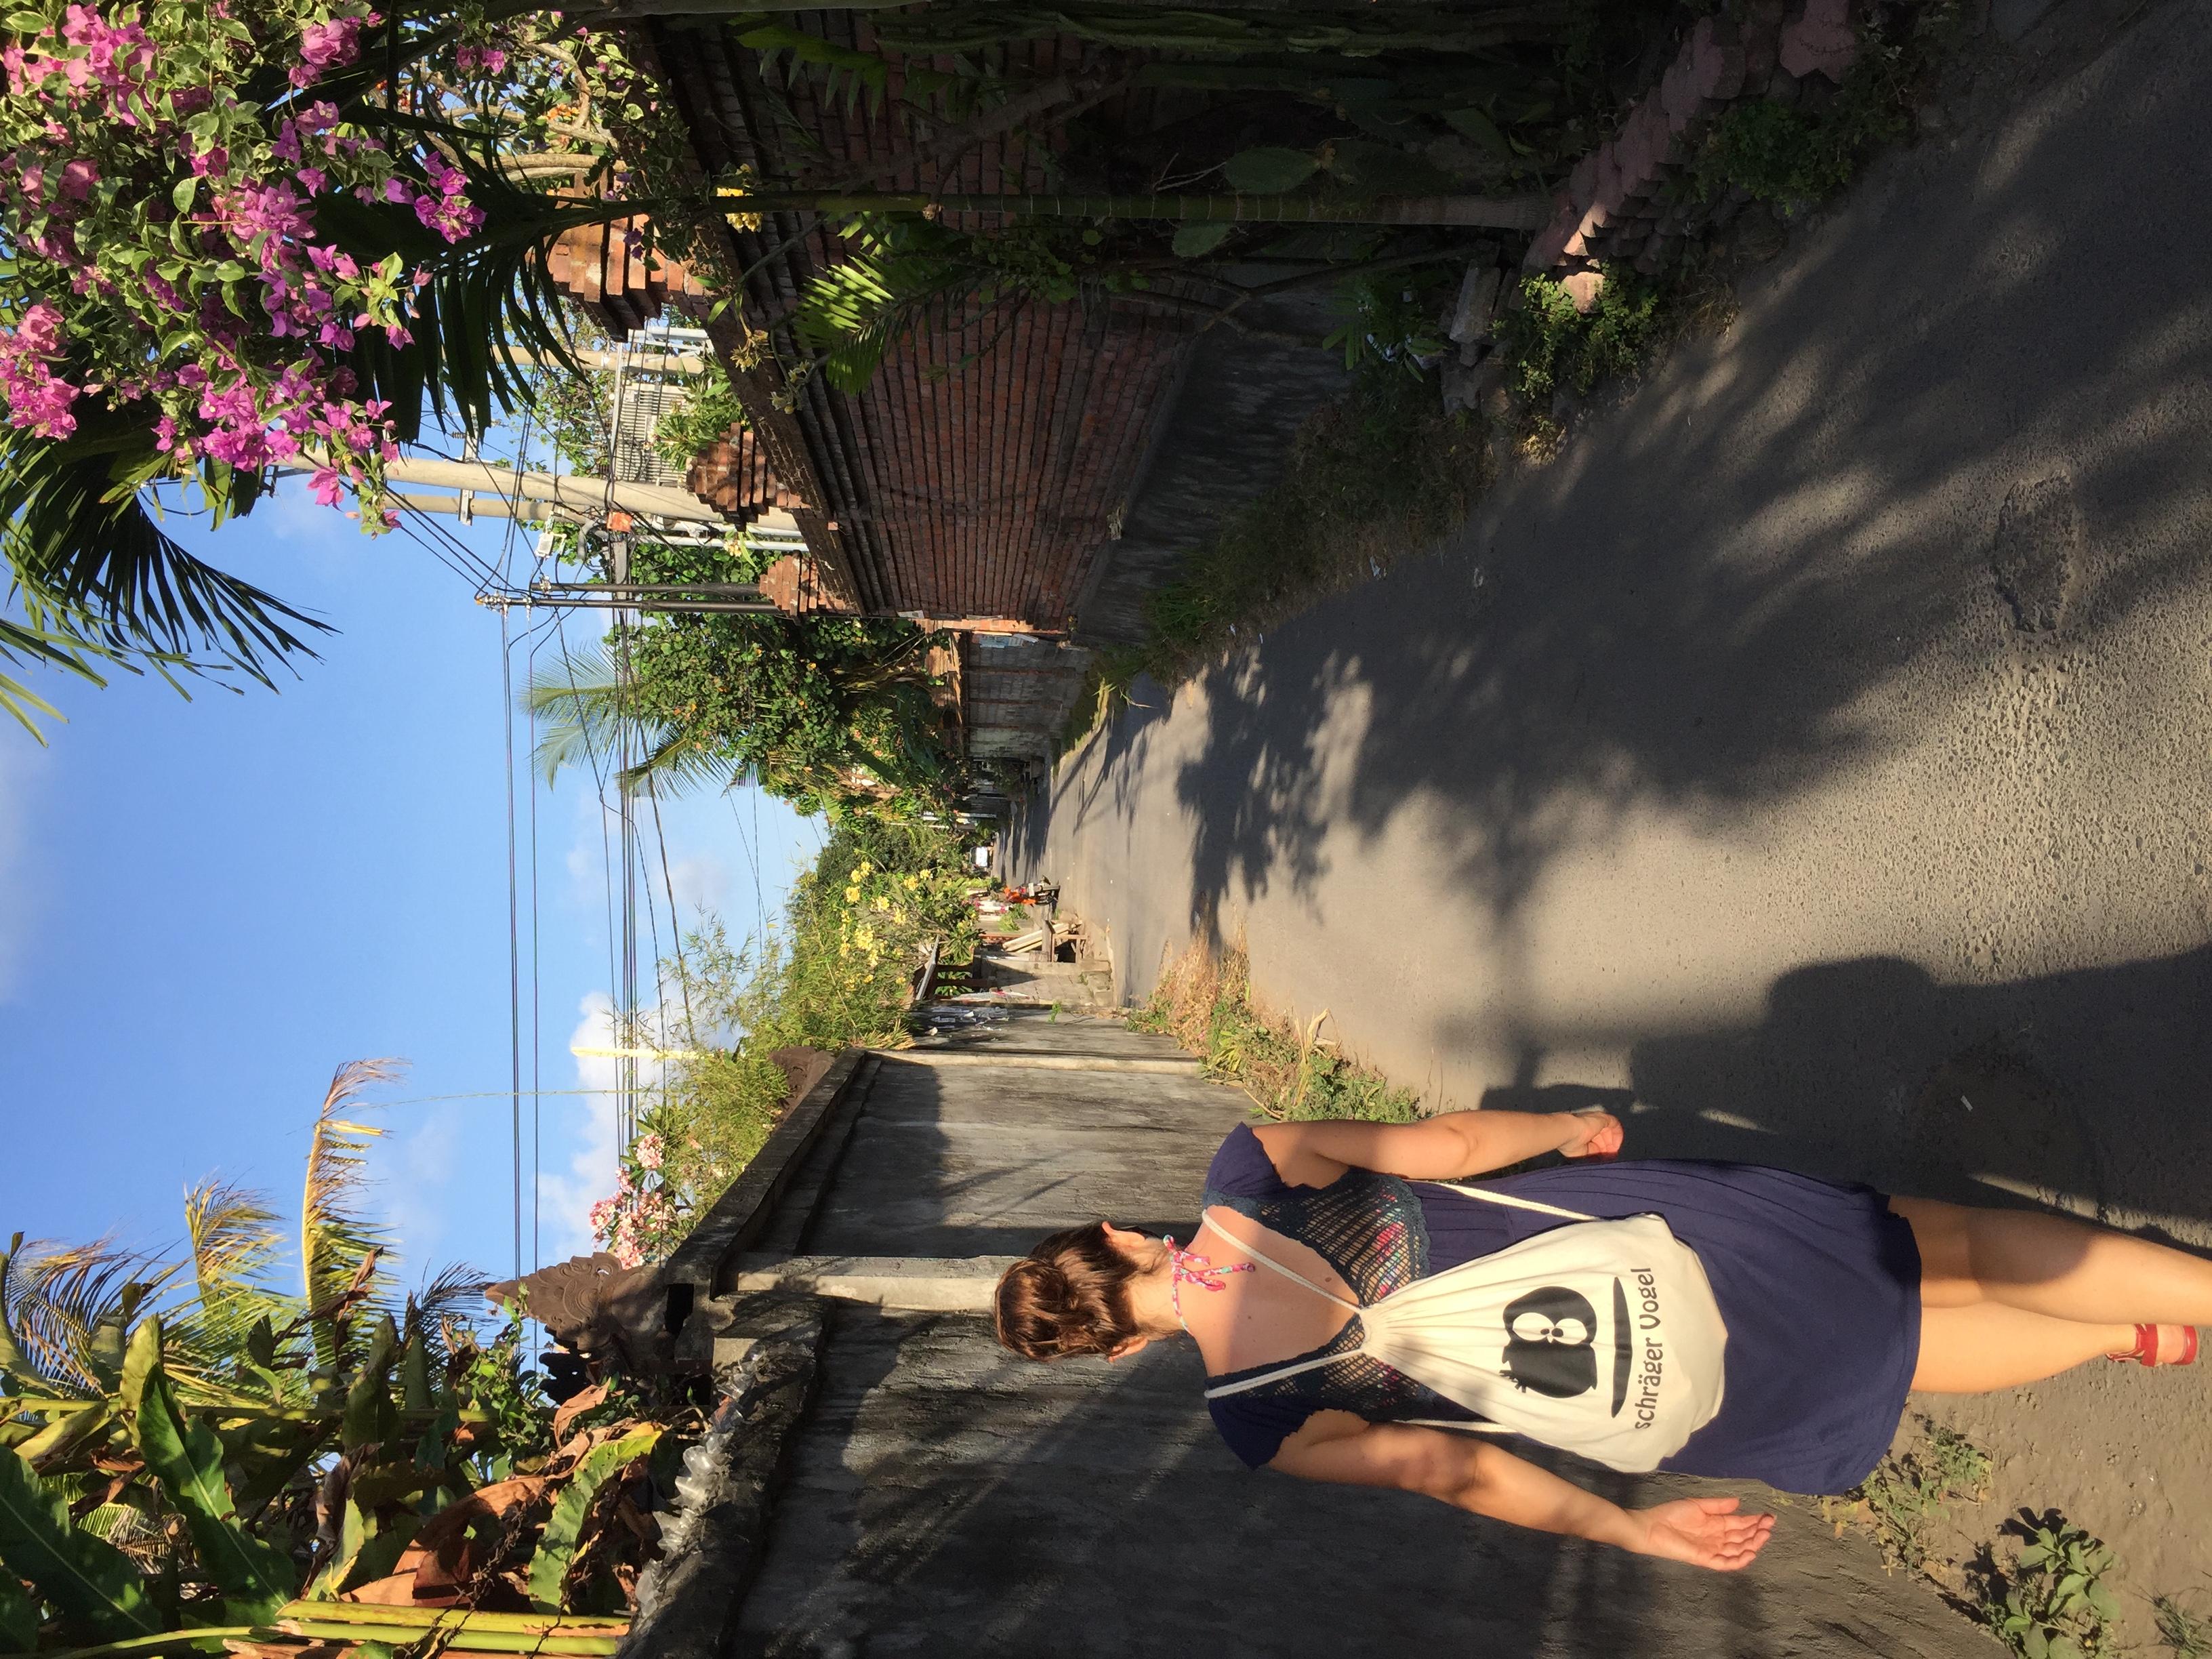 Unsere Weltreise beginnt mit einer ersten Entdeckungstour in Sanur